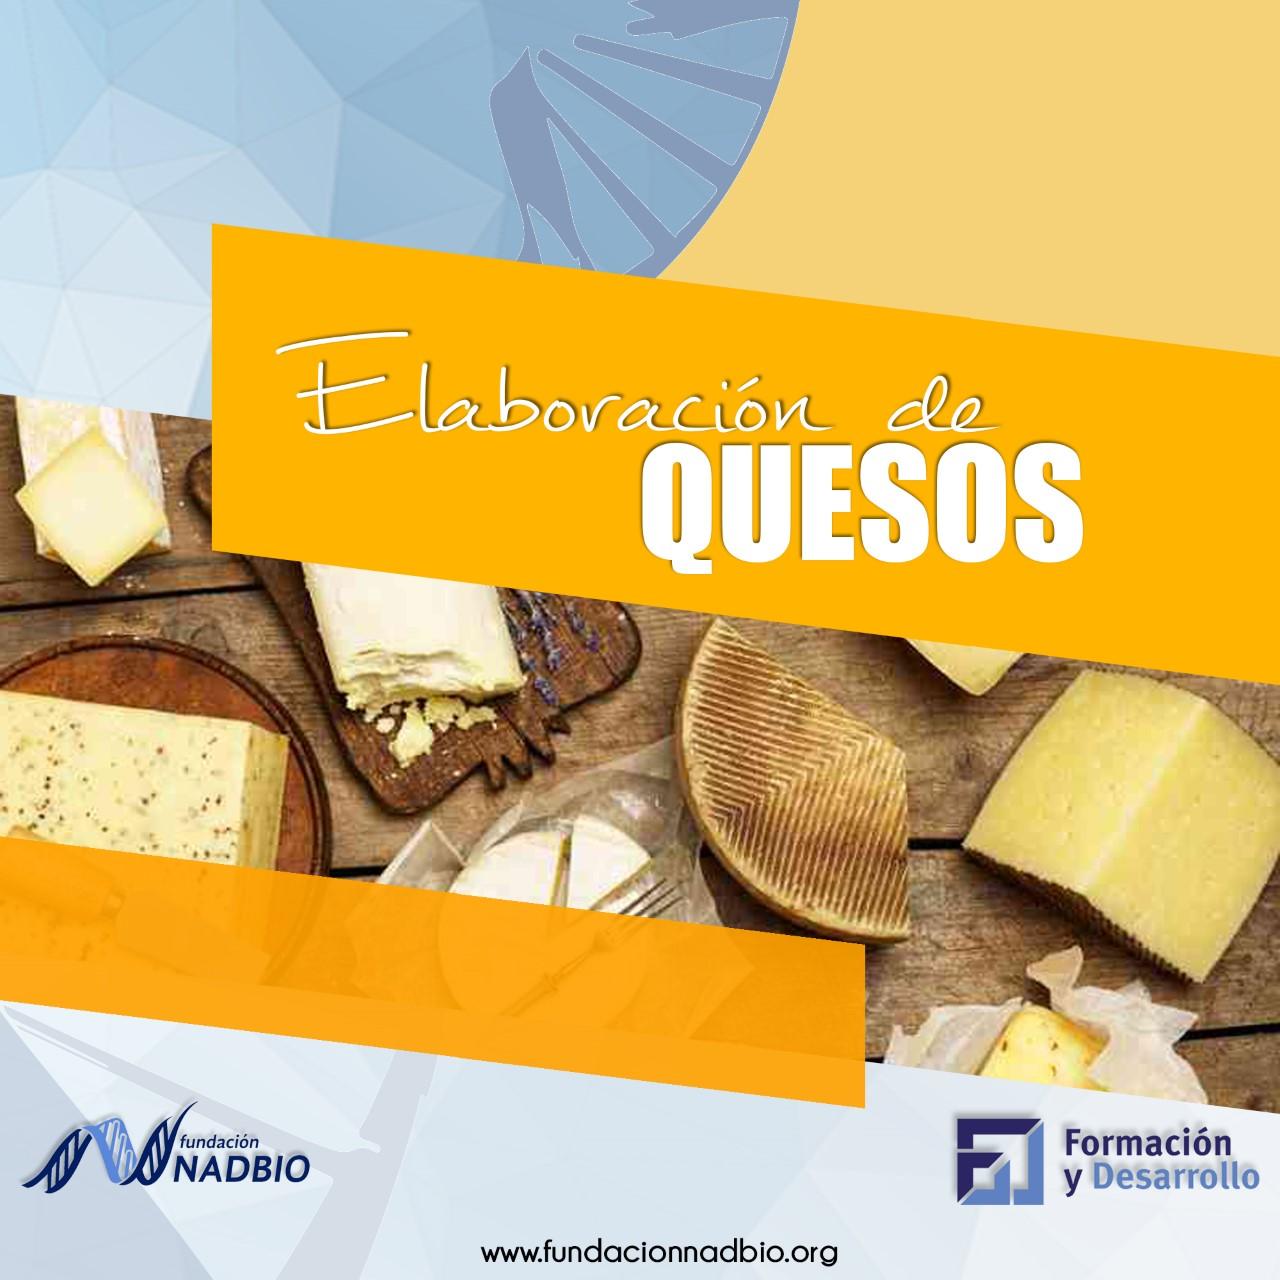 Elaboración de quesos pasteurizados: